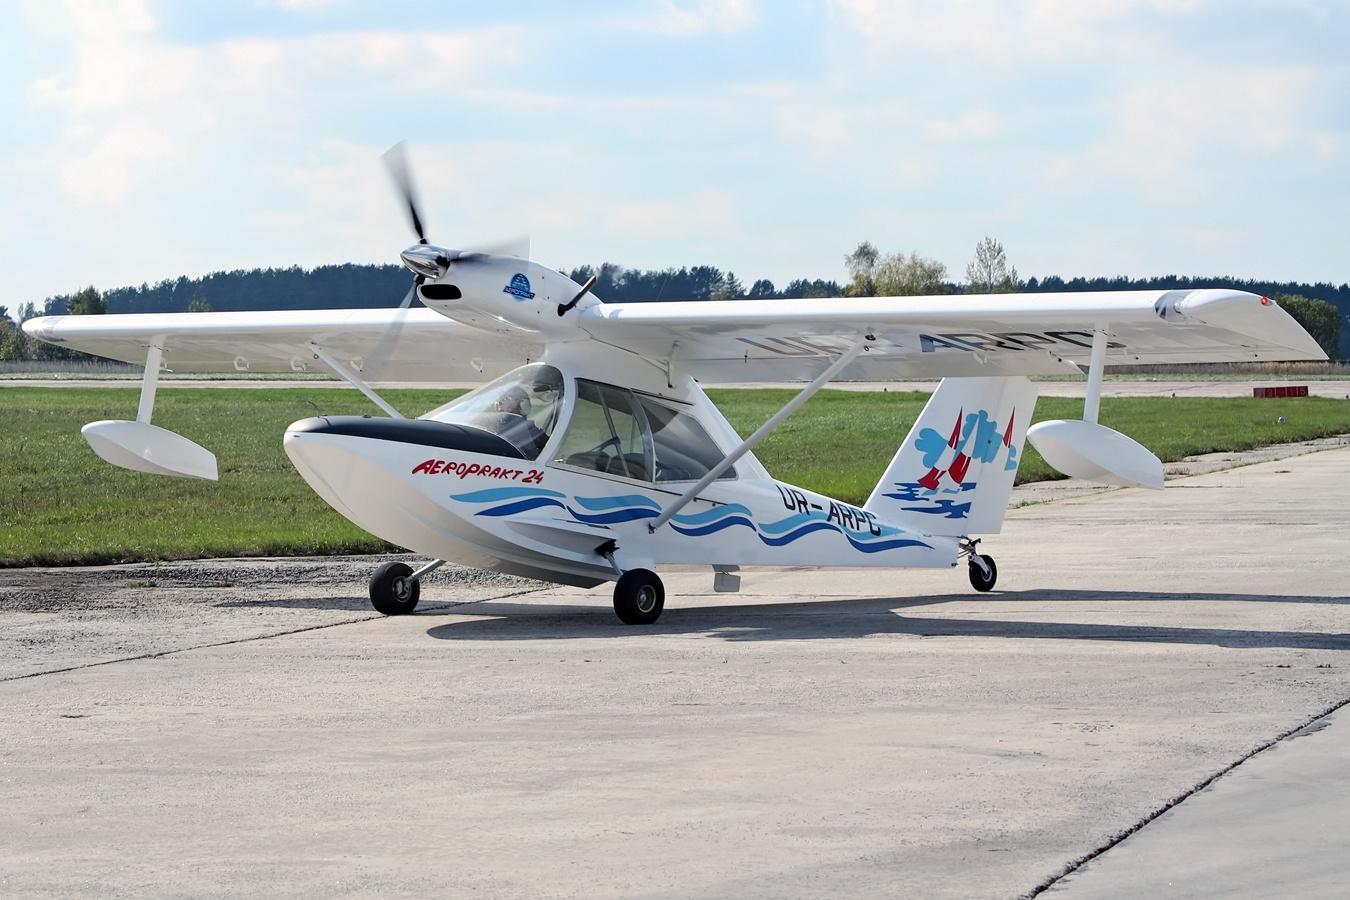 Aeroprakt A-24 Viking - Wikipedia